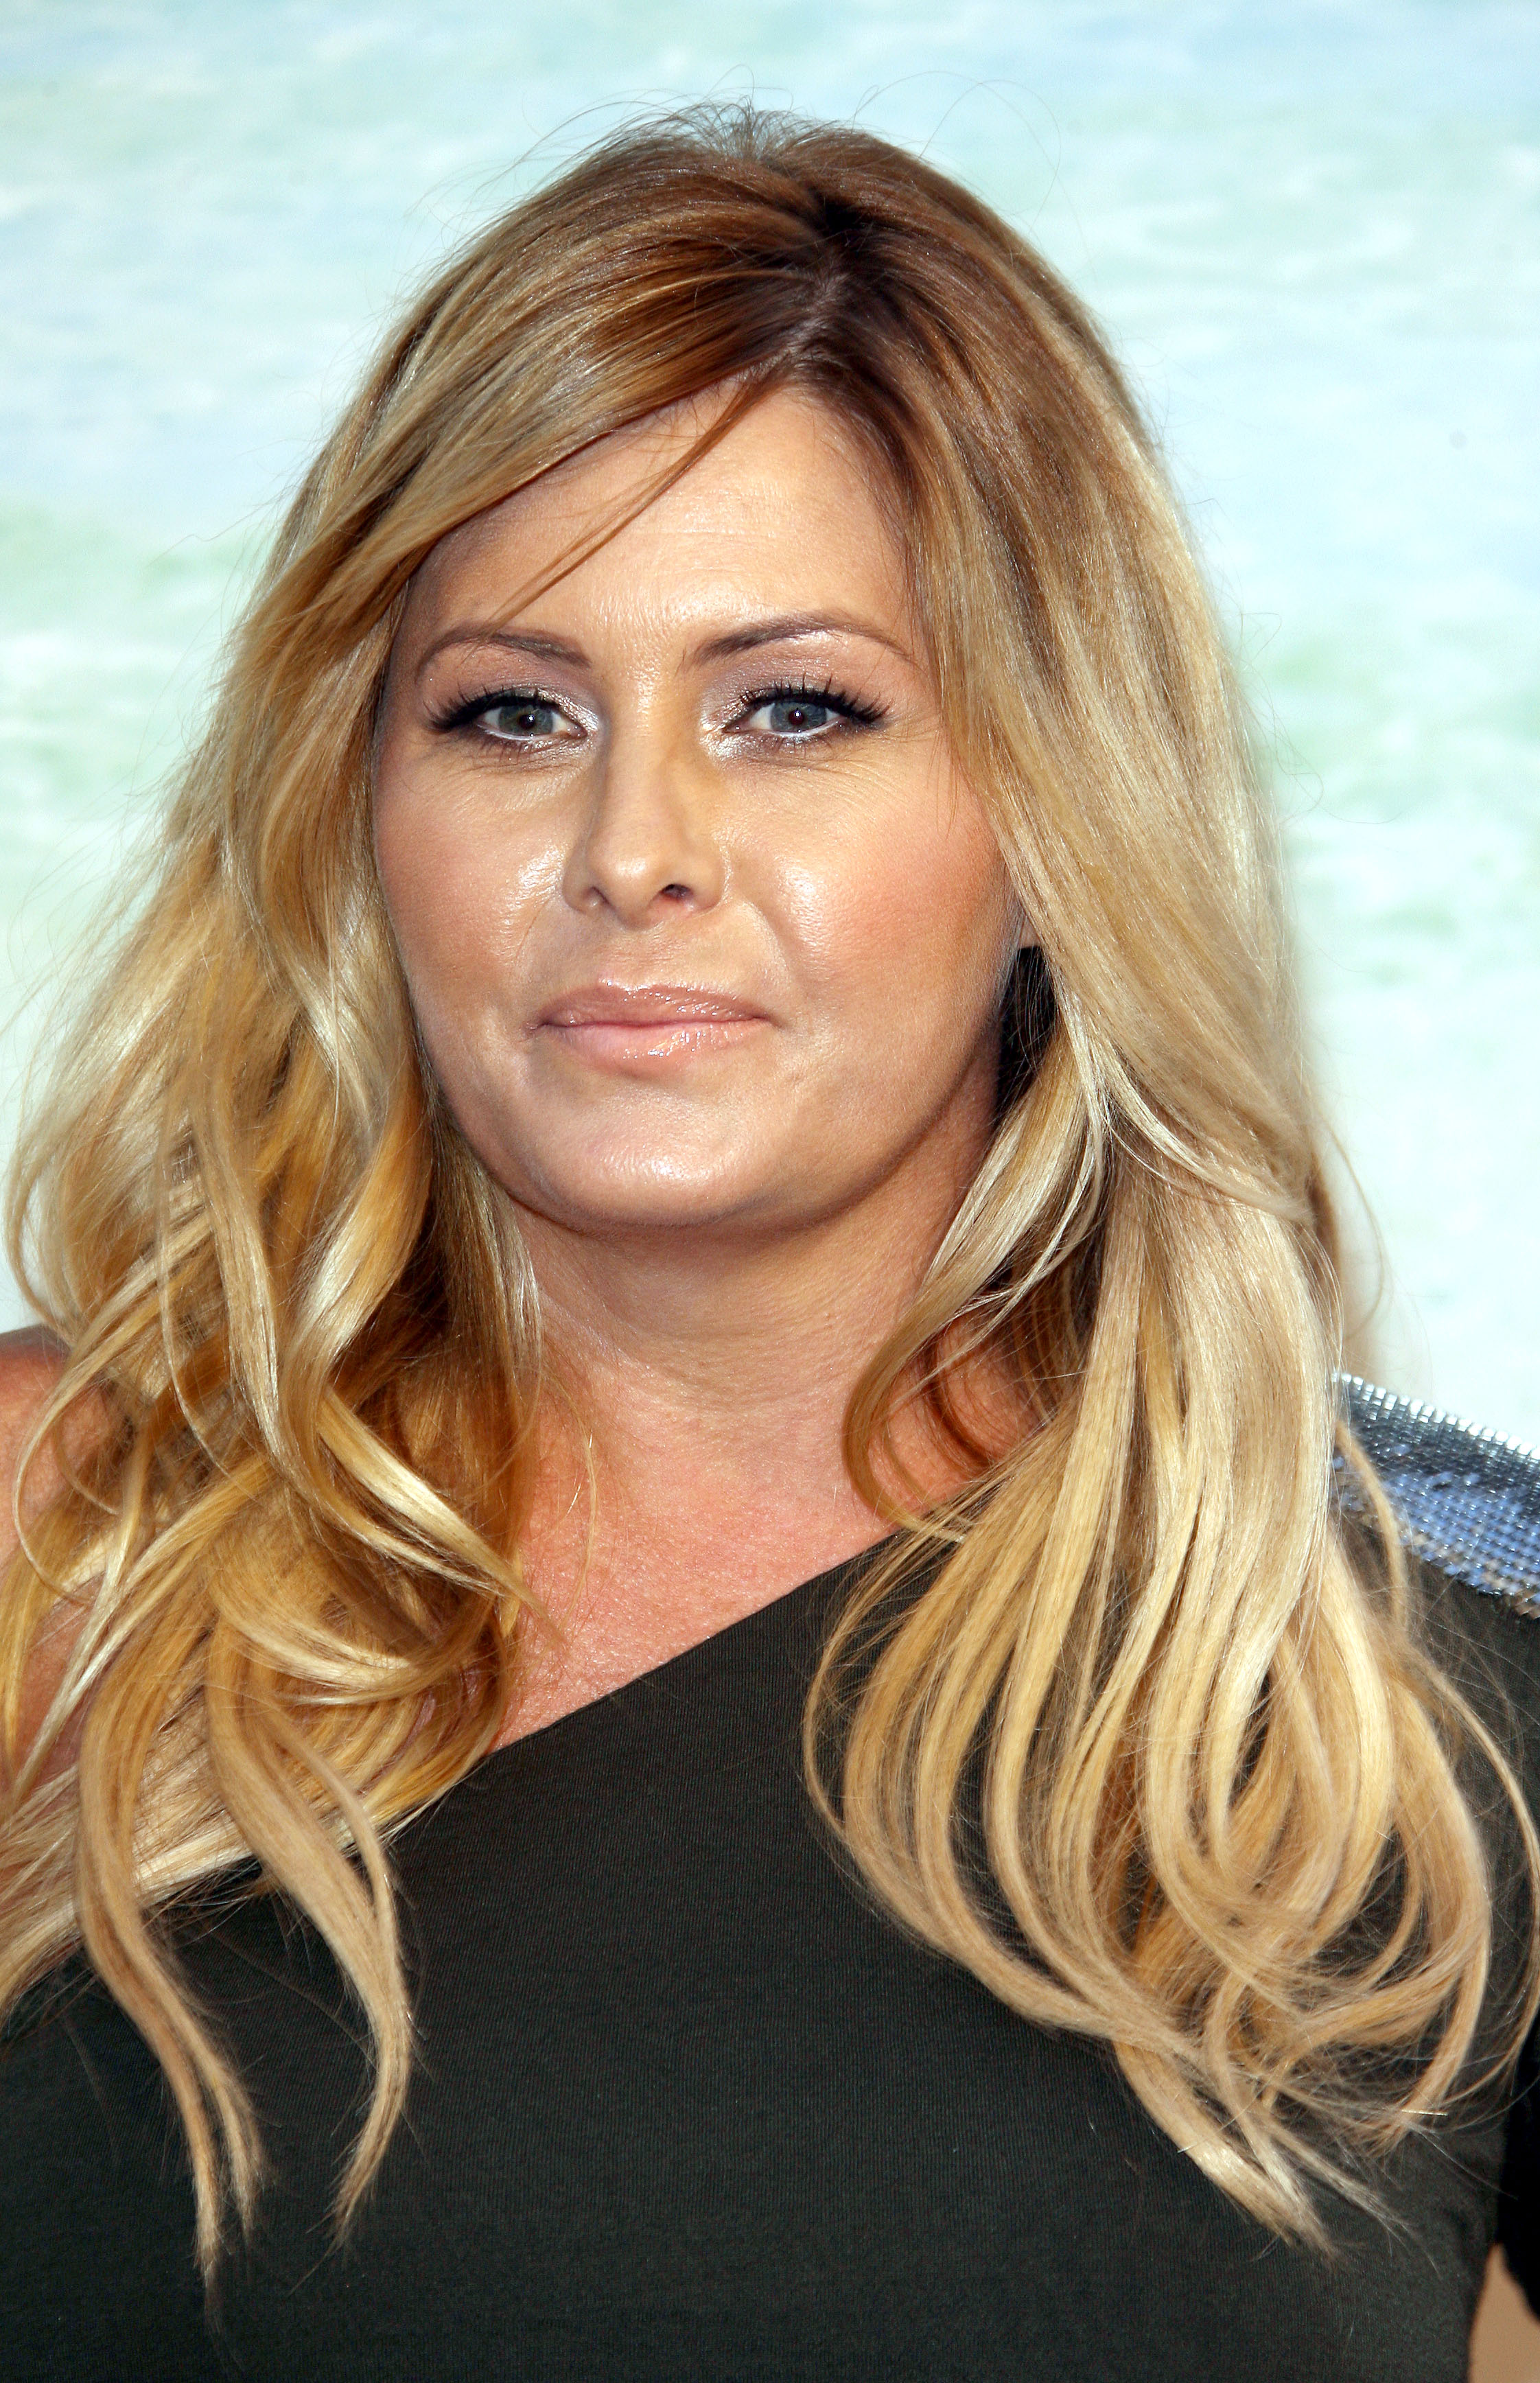 Nicole Eggert - Actress Wallpapers